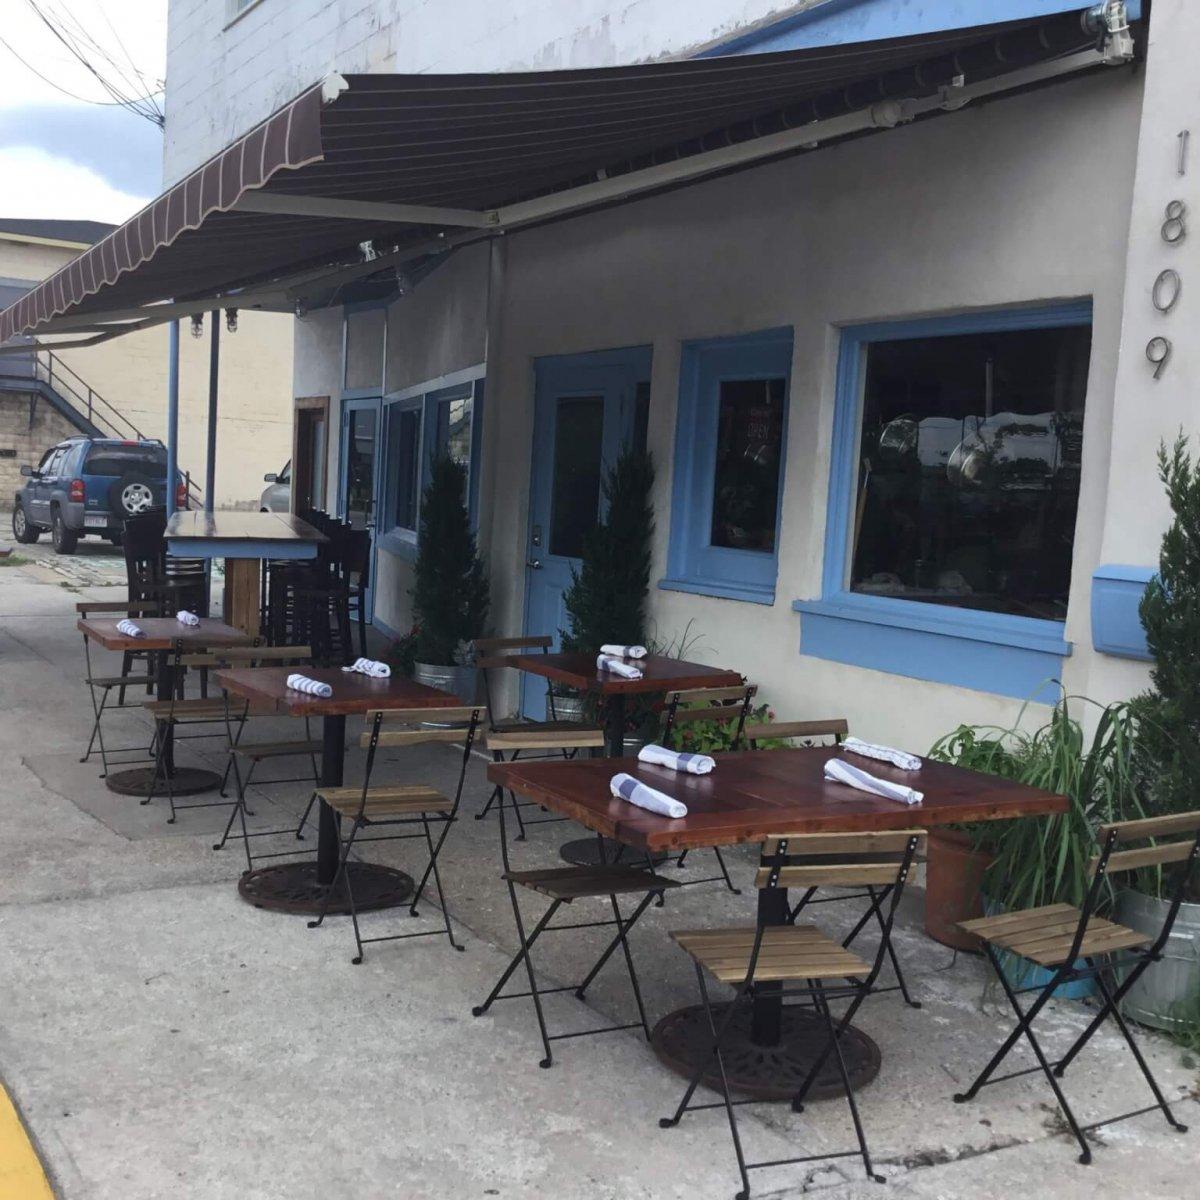 111 - National Restaurant Properties